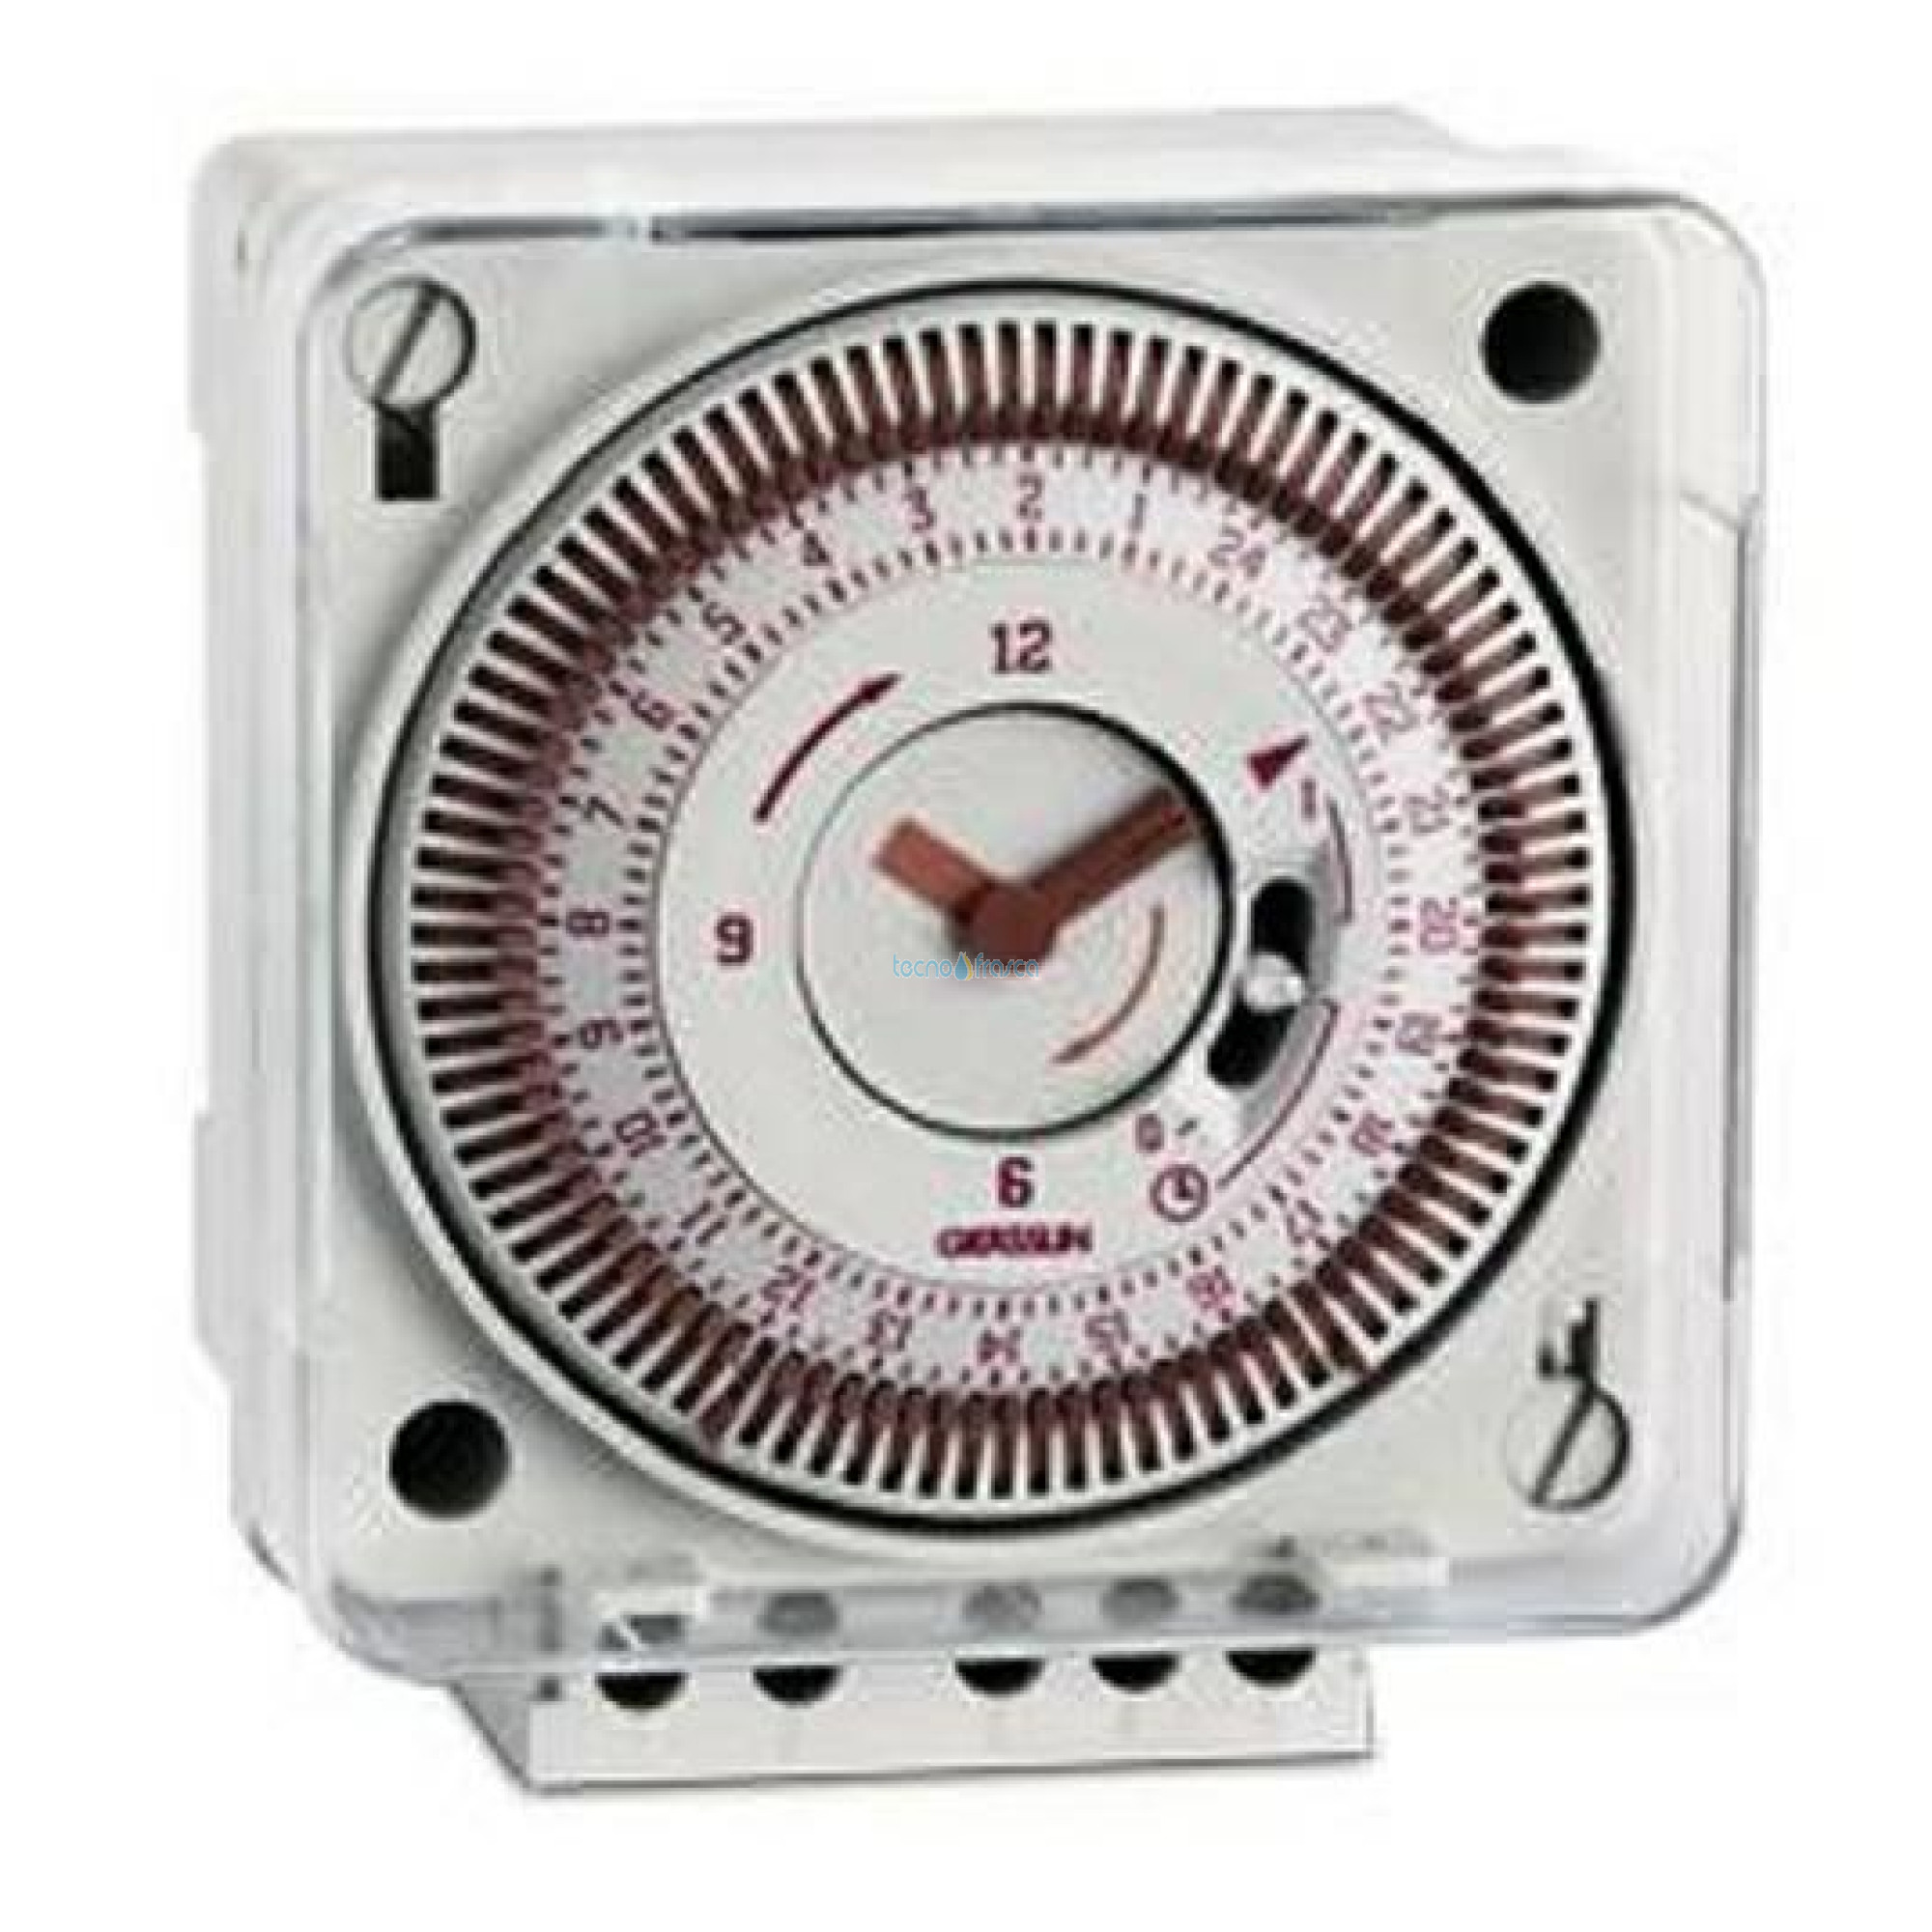 Orologio giornaliero grasslin tecnos ecosquare tec010370